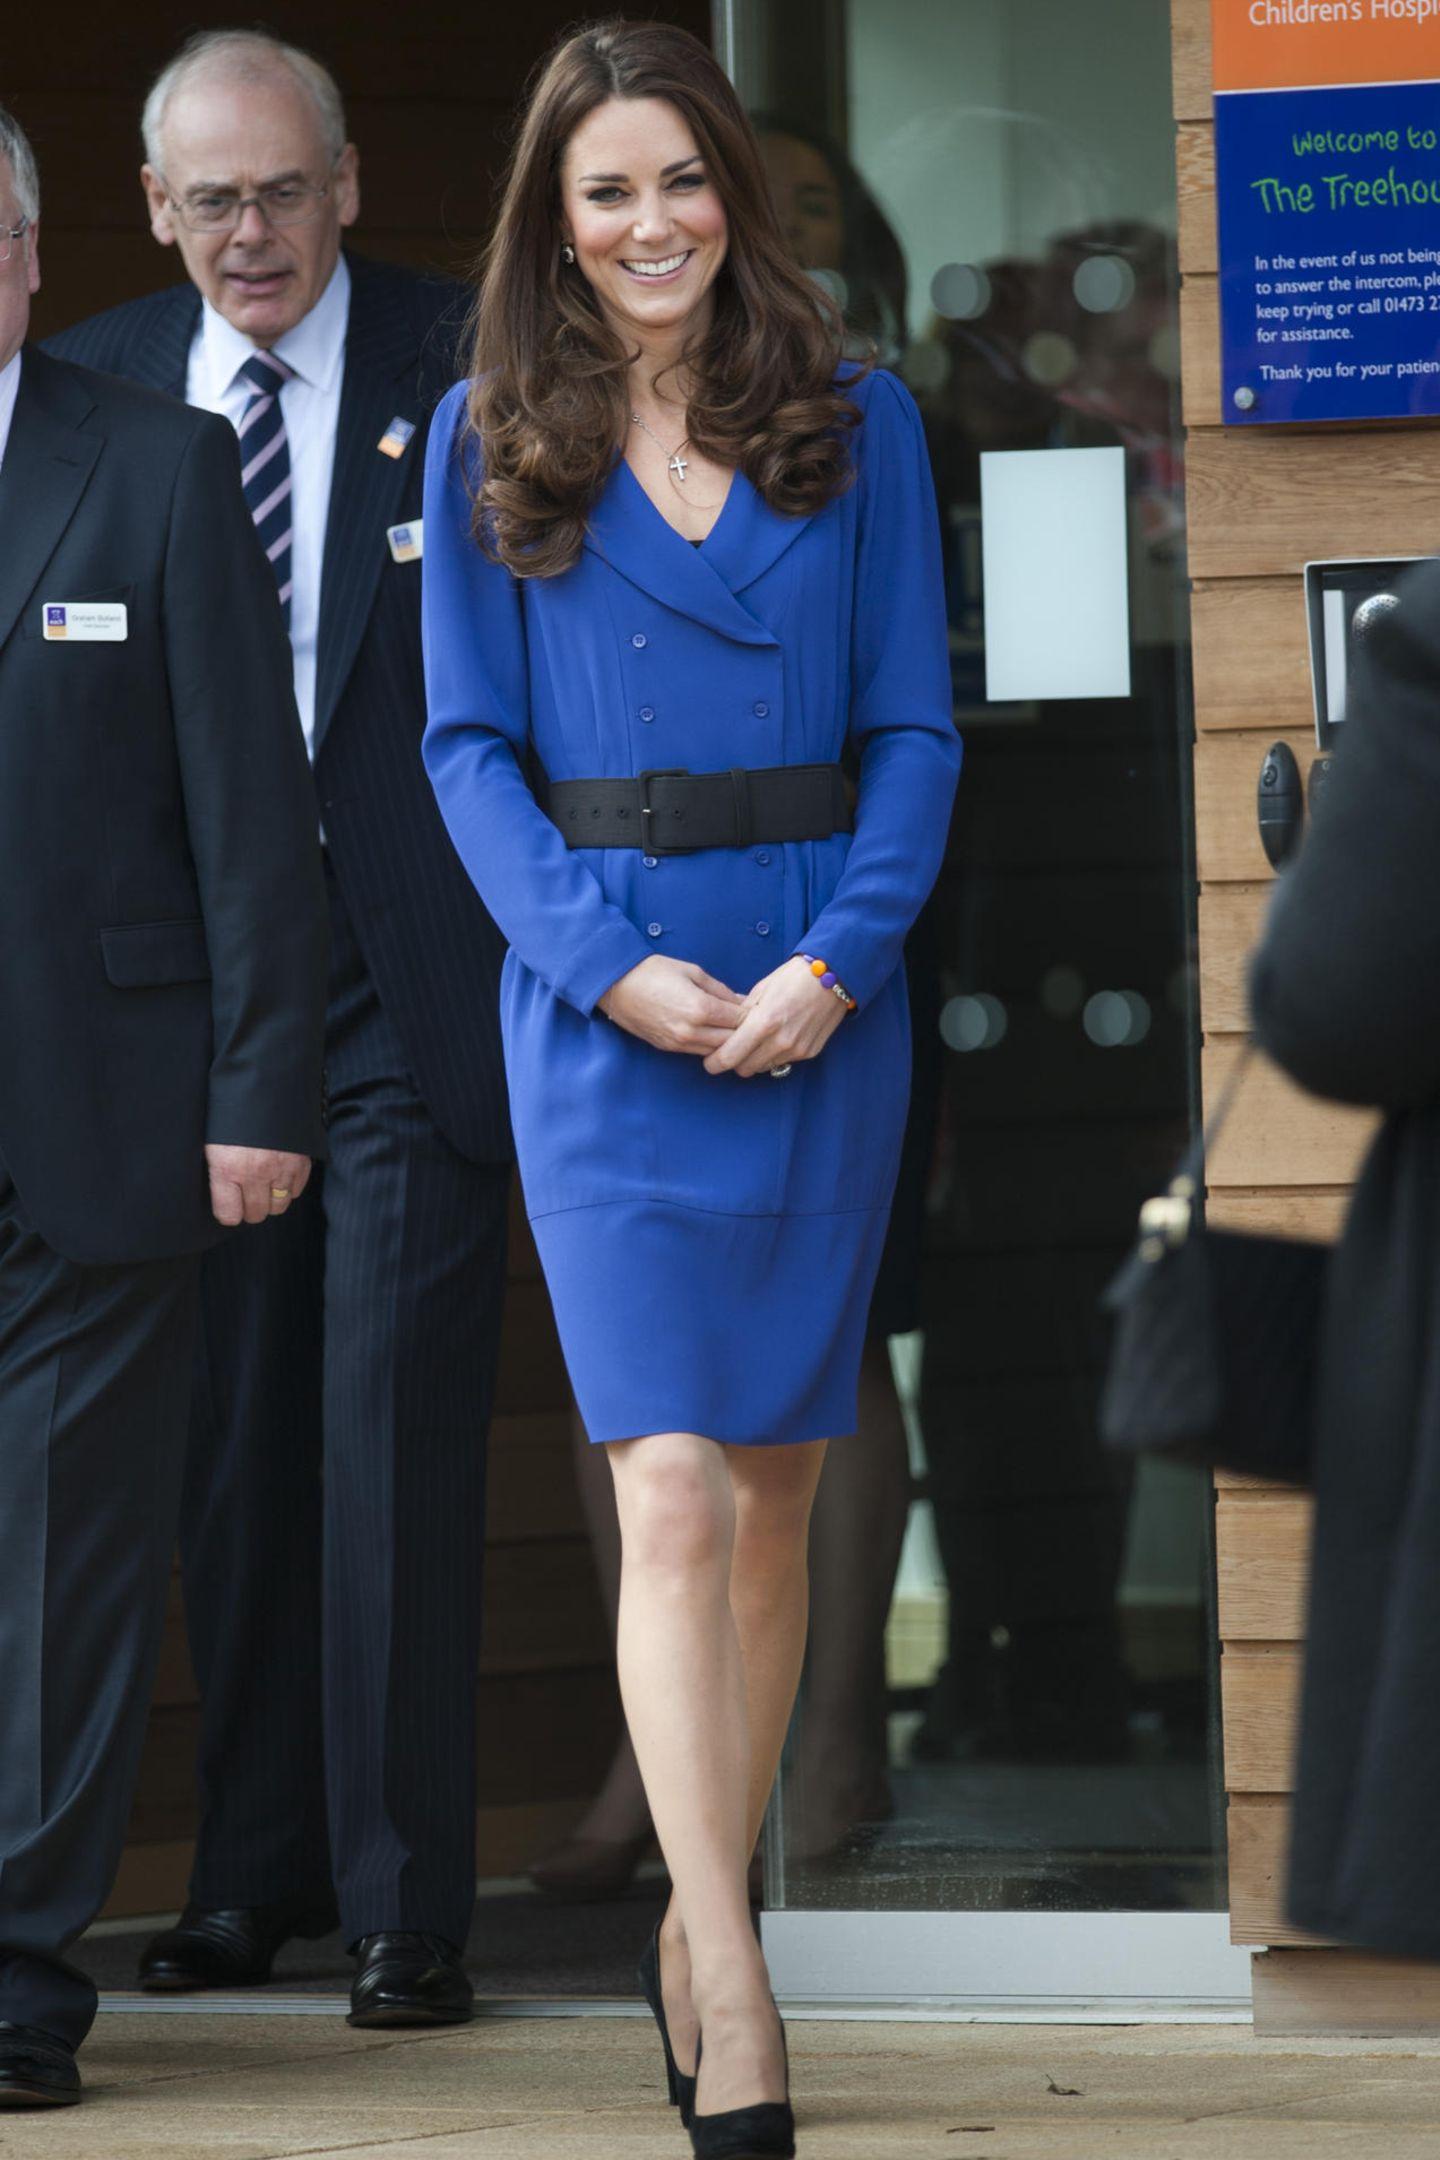 Herzogin Catherine trägt ein blaues Kleid von Reiss